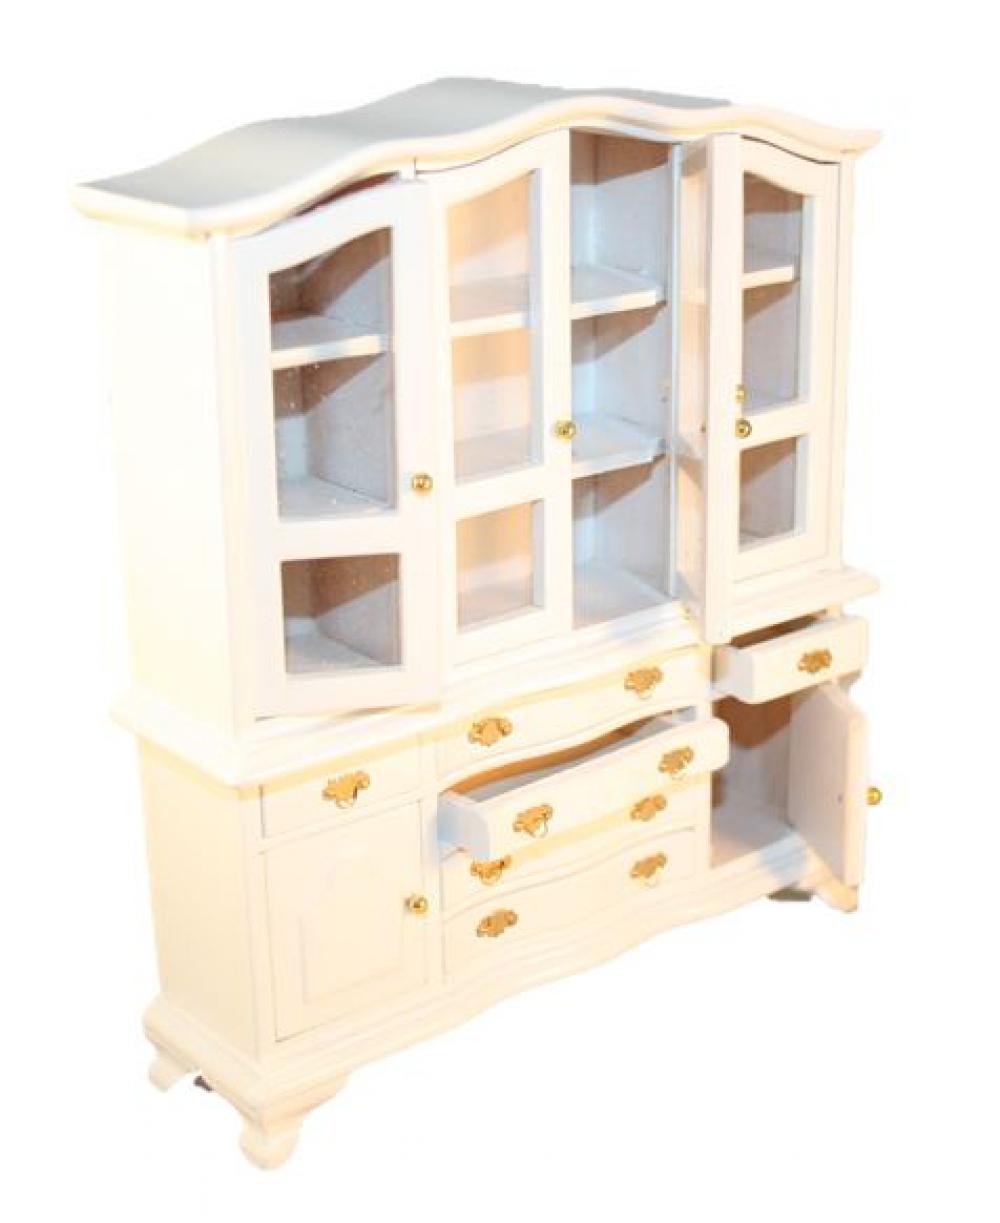 puppenstube b ffet esszimmer speisezimmer schrank holz wei lackiert 1 12 ebay. Black Bedroom Furniture Sets. Home Design Ideas